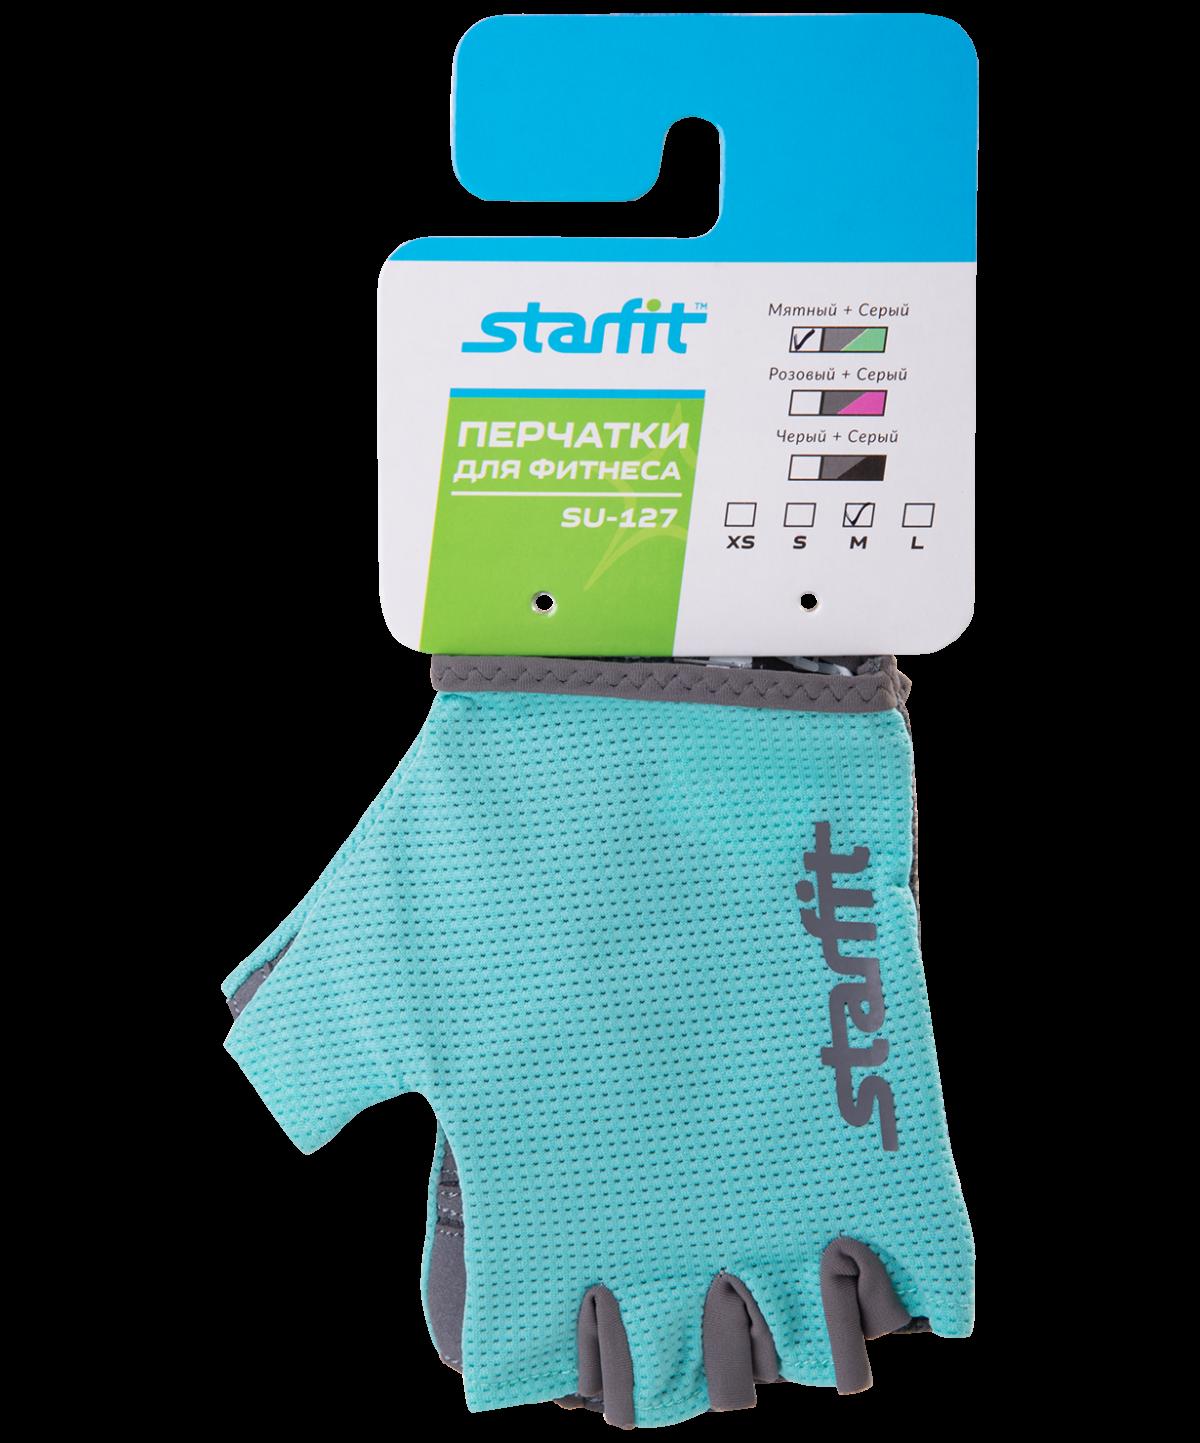 STARFIT Перчатки для фитнеса SU-127 : мятный/серый - 2